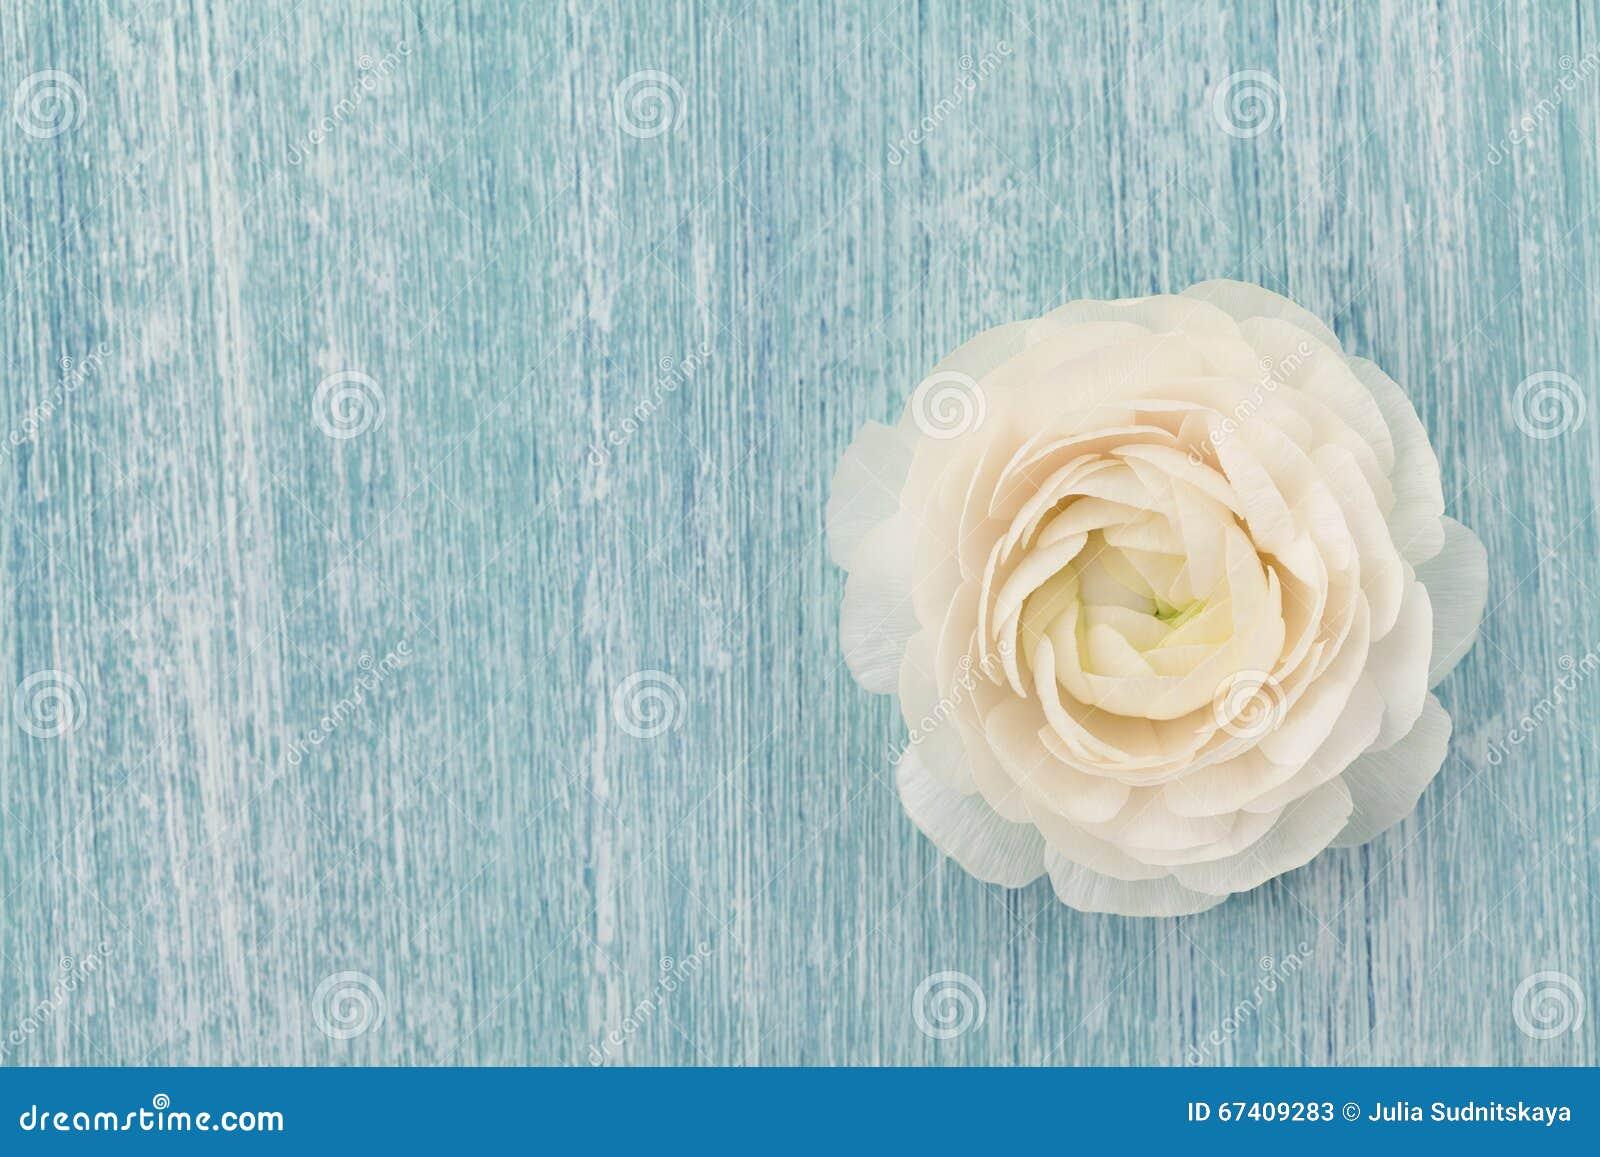 Красивый лютик на голубой затрапезной предпосылке, цветке весны, винтажной карточке